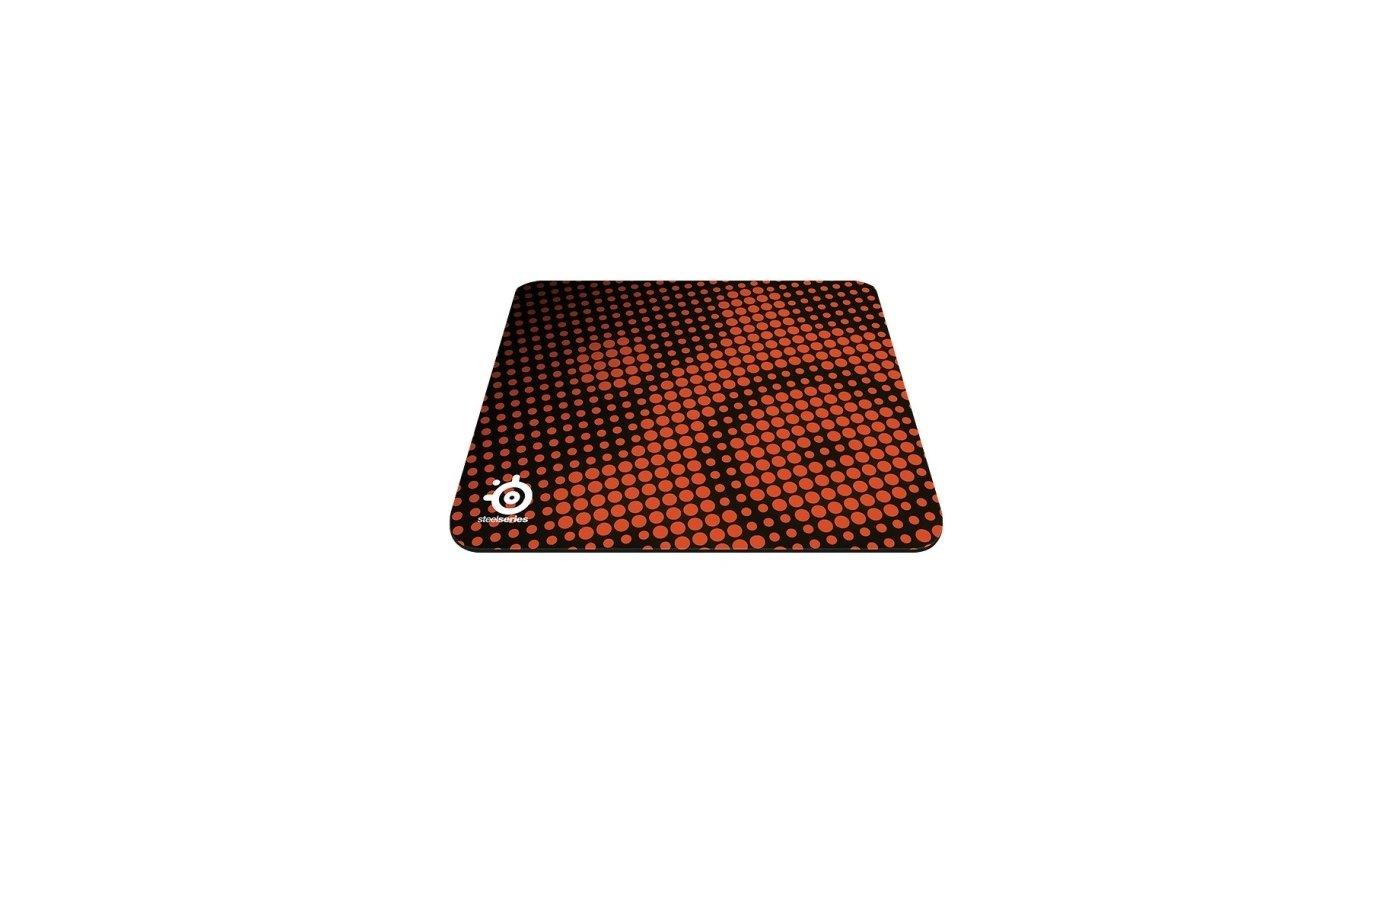 Коврик для мыши Steelseries QcK Heat Orange 67279 оранжевый/черный